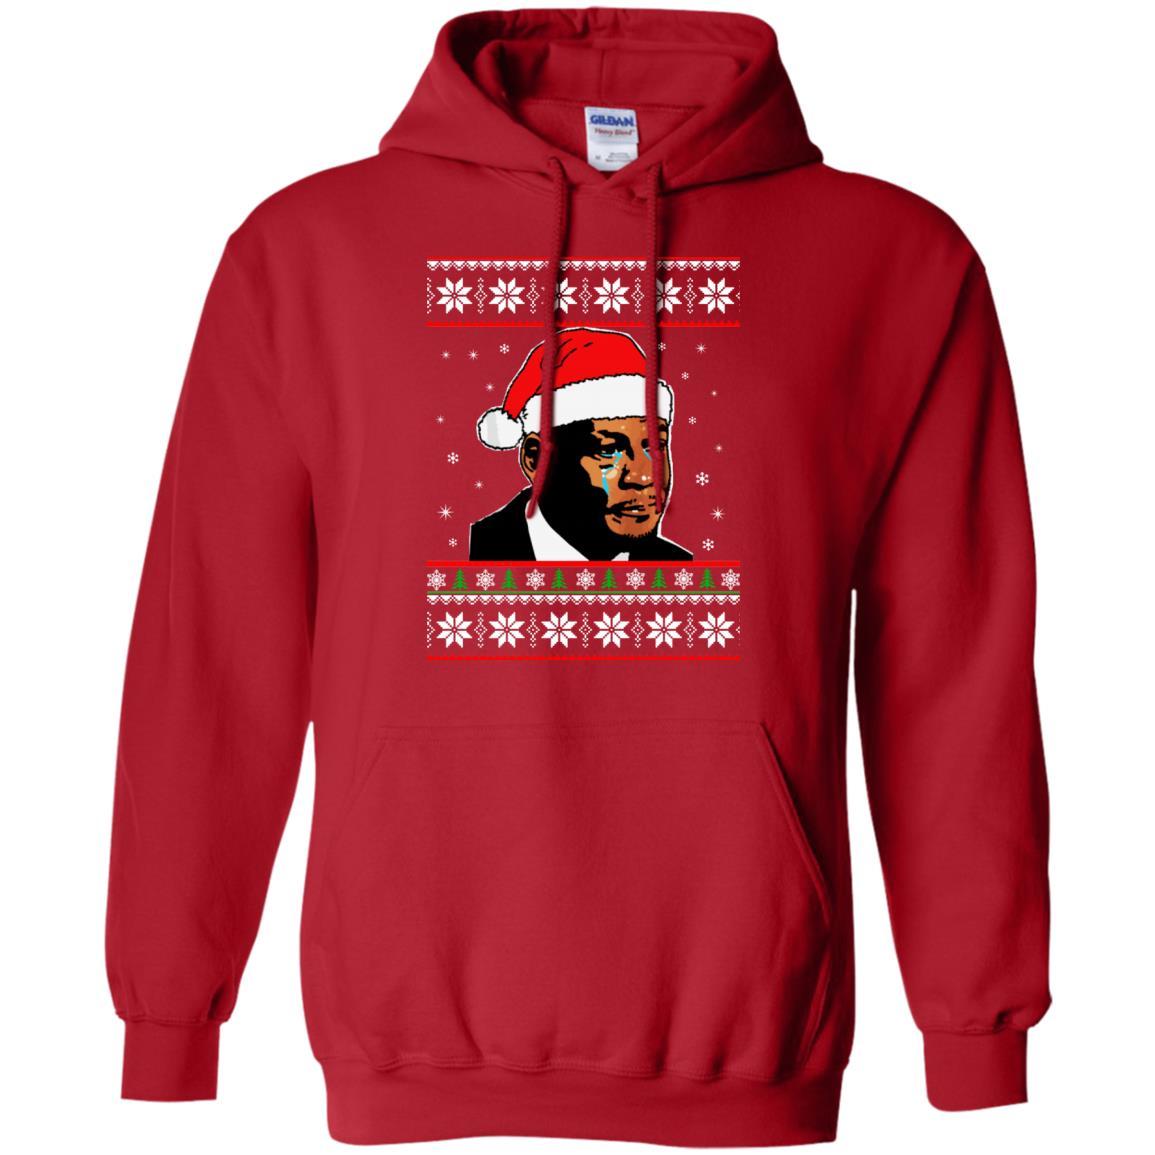 image 2667 - Crying Jordan Christmas Sweater, Christmas Jordan Ugly Sweatshirt